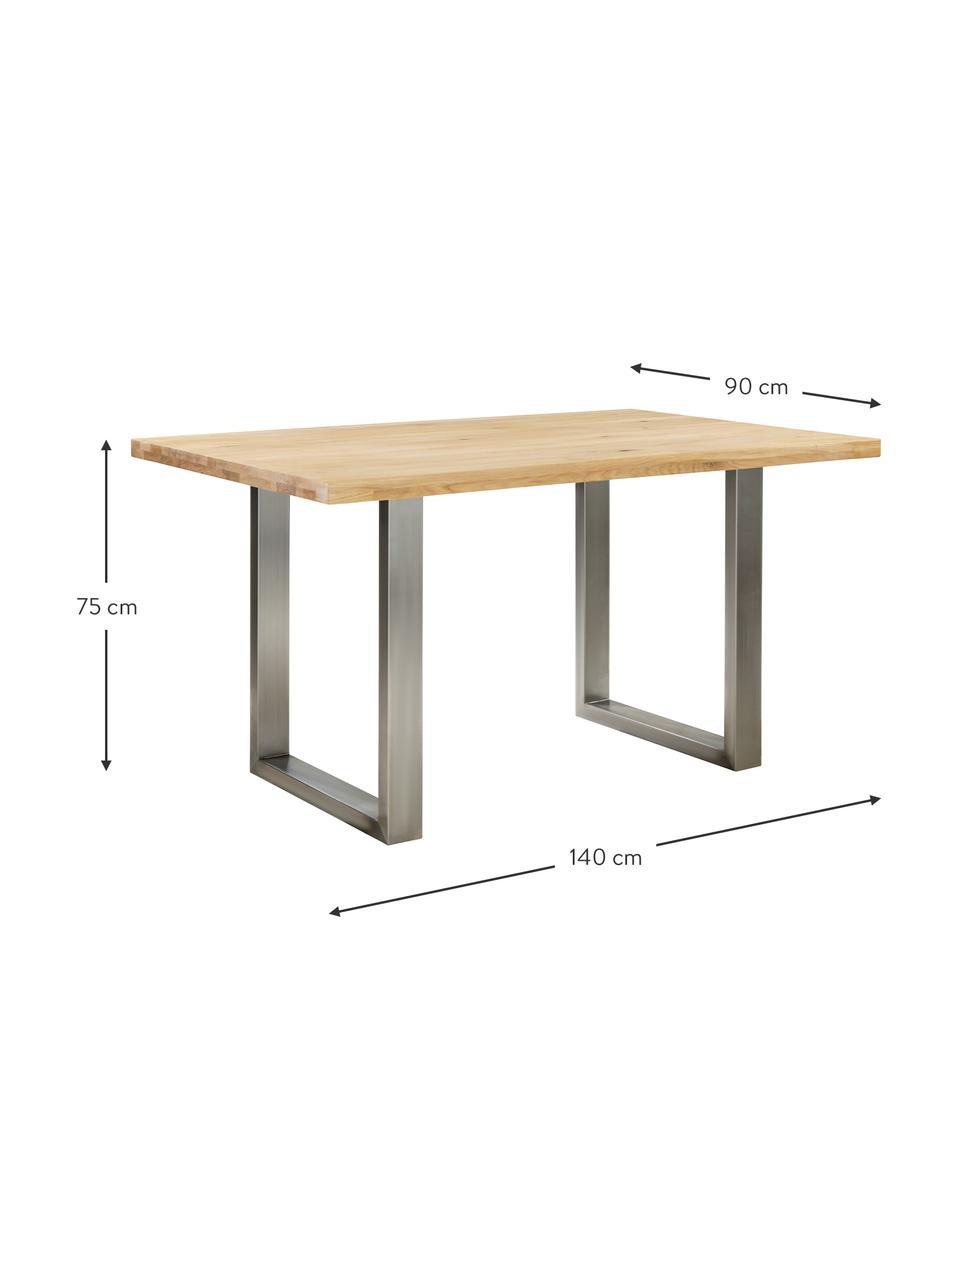 Tavolo con piano in legno massello Oliver, Piano del tavolo: Doghe di quercia selvatic, Quercia selvatica, acciaio inossidabile, Larg. 160 x Alt. 90 cm